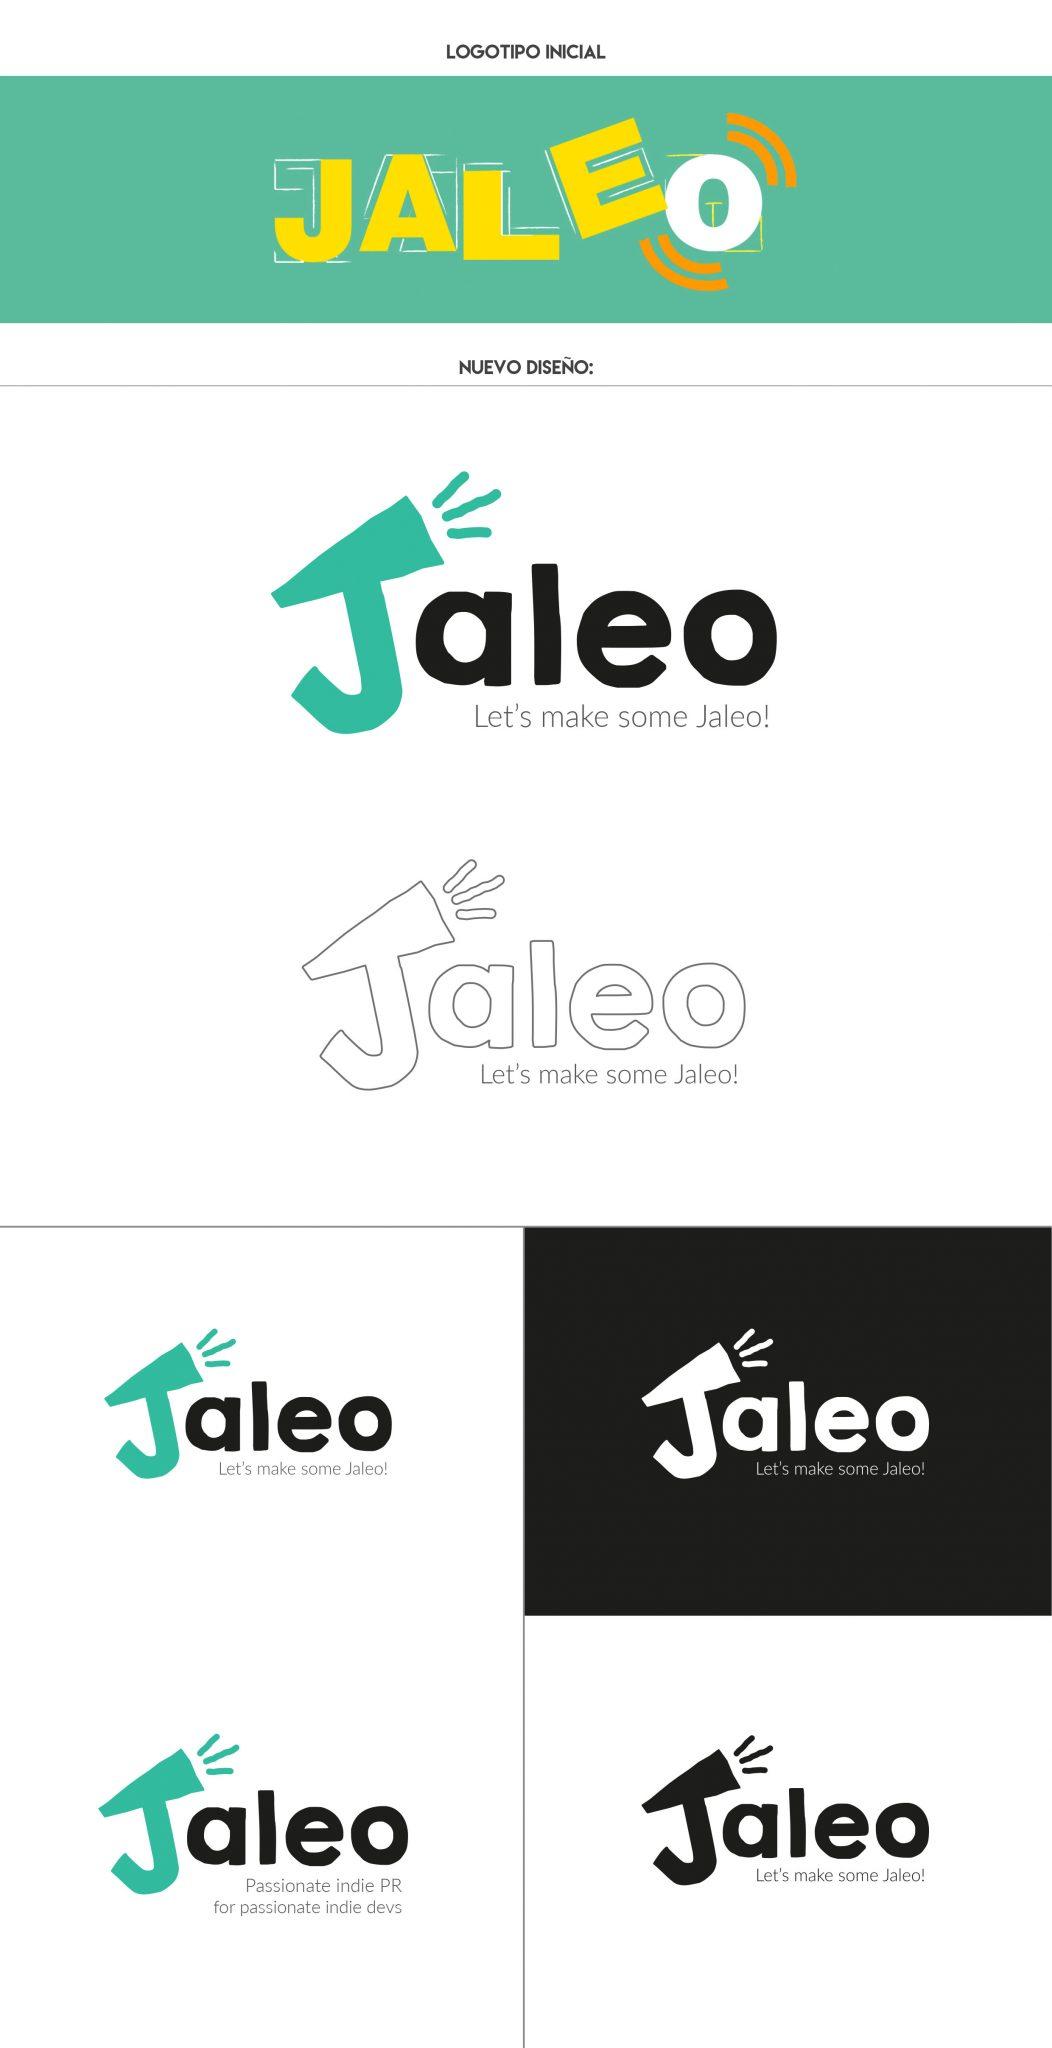 Proceso de creación de logotipo